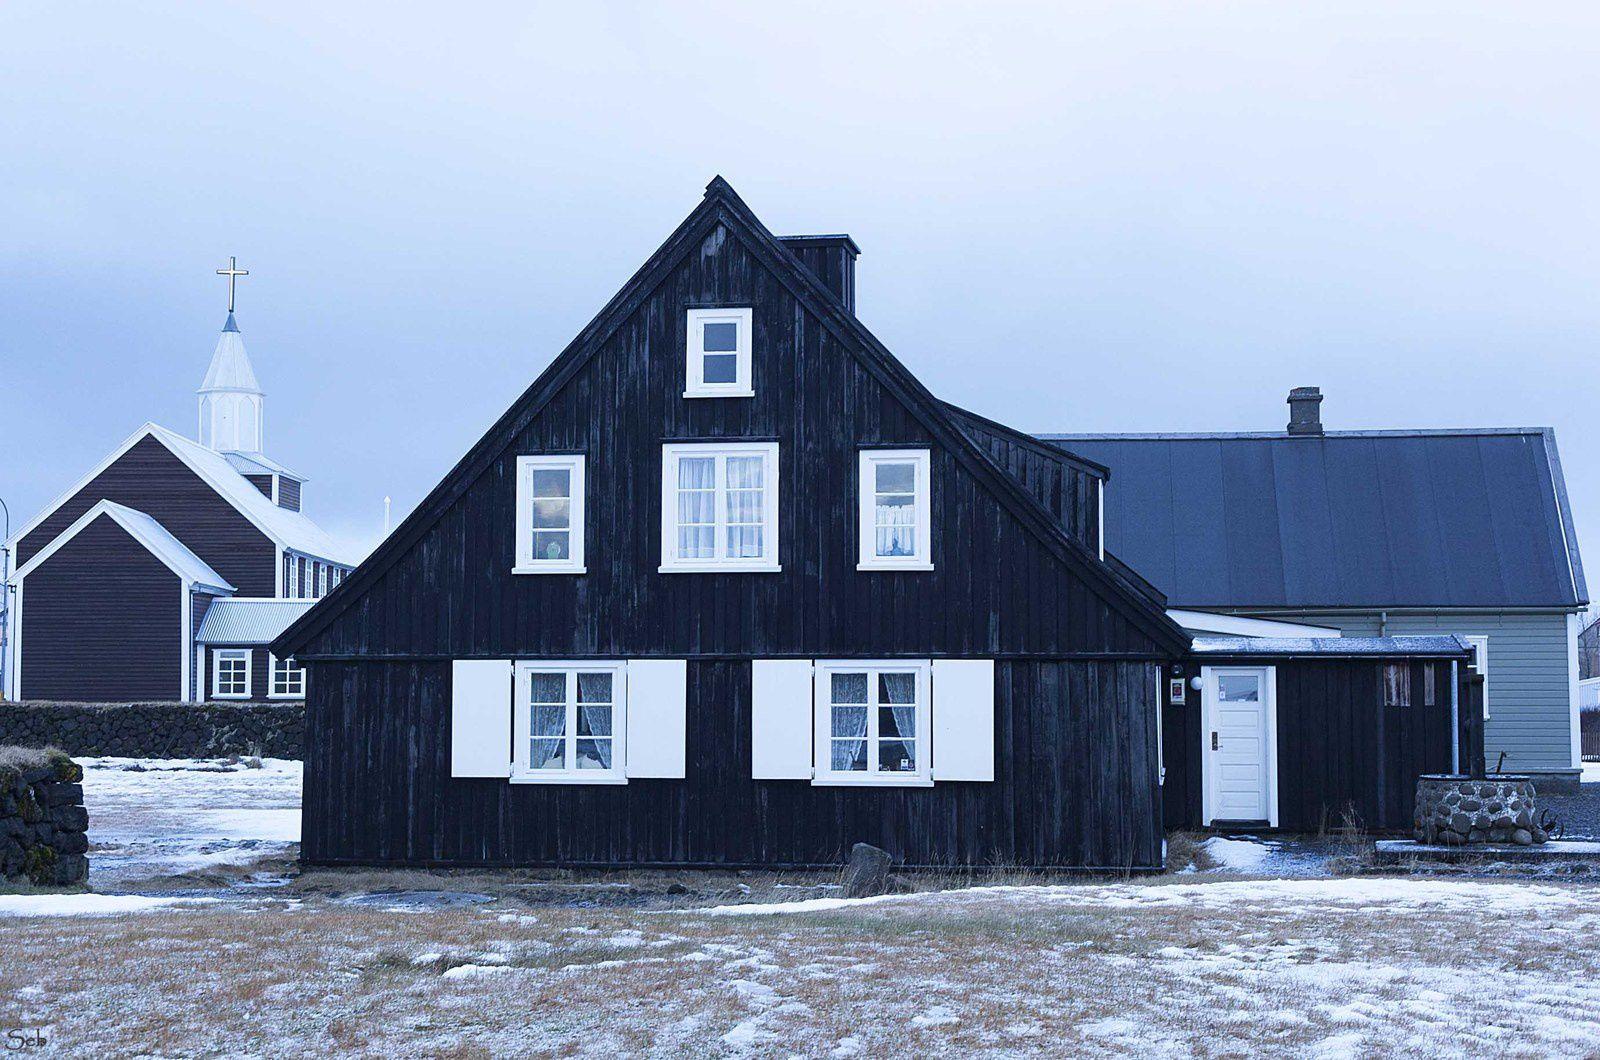 La Maison Husid date de 1765 ce qui fait l'une des plus anciennes demeure du pays. Au deuxième plan l'église du village d'Eyrarbakki.